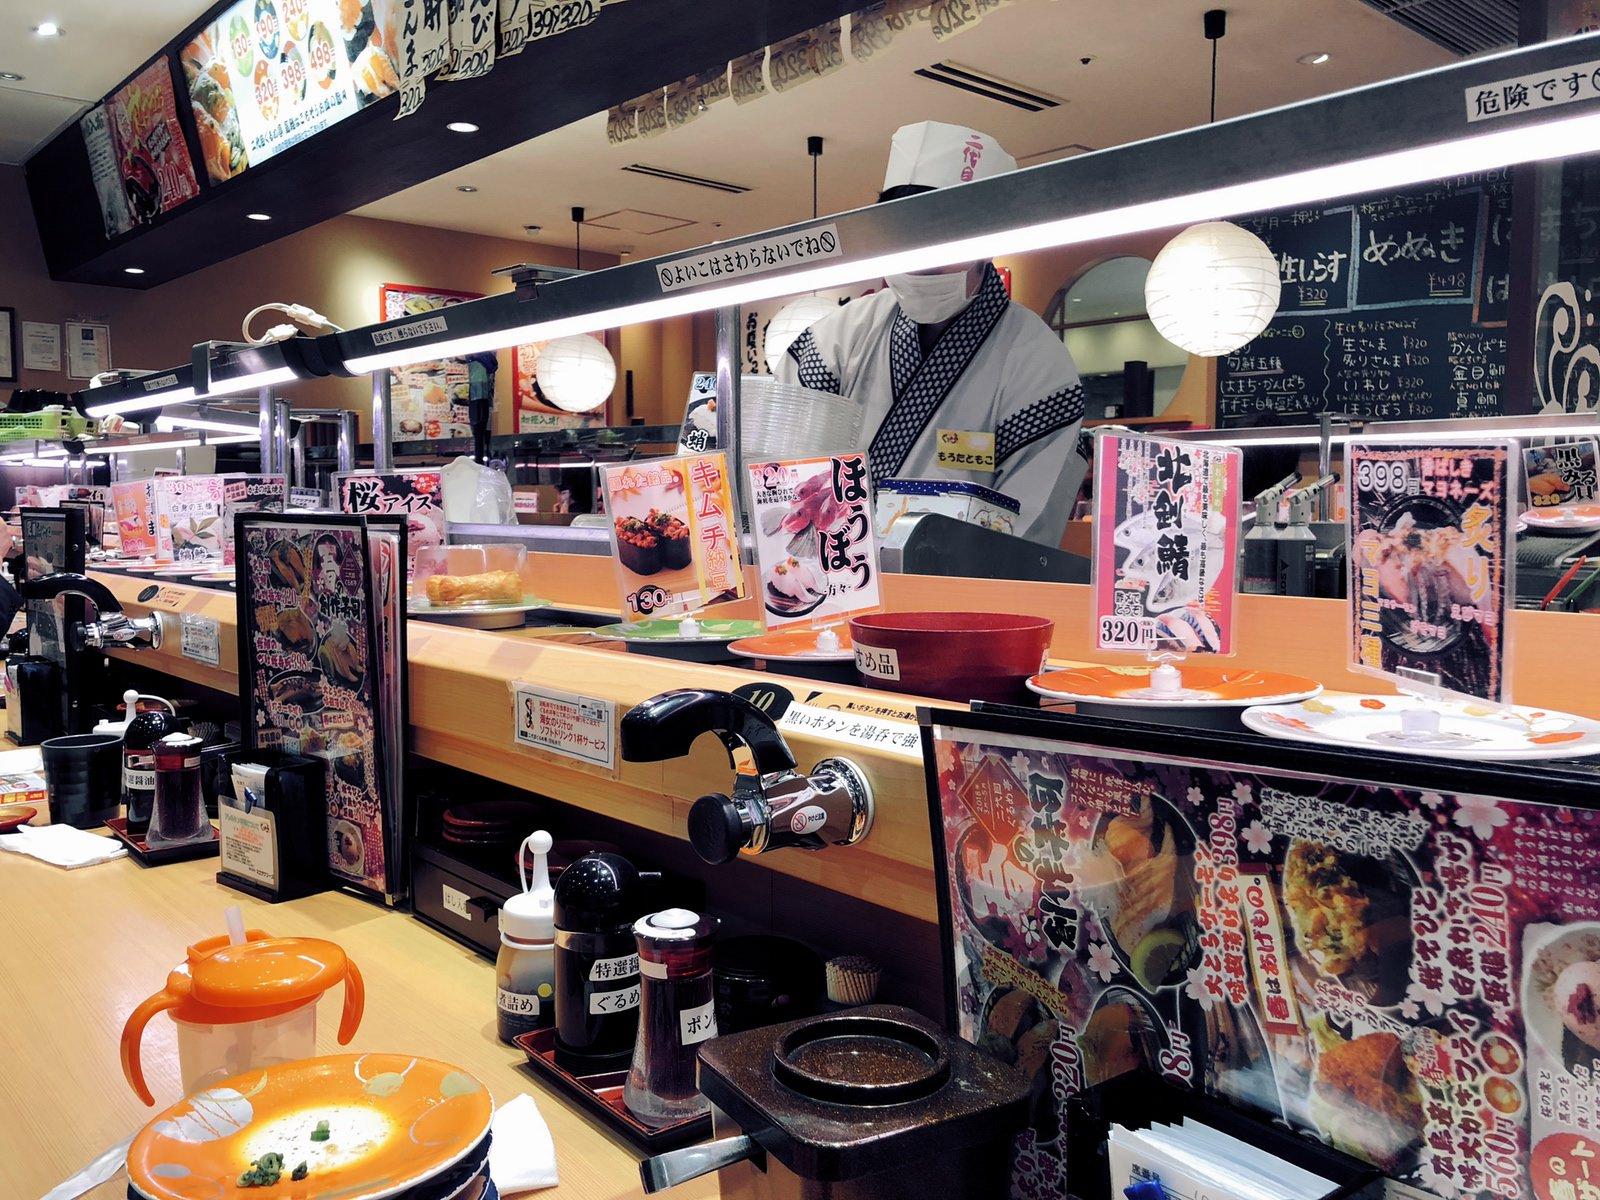 フードコート内の回転寿司「二代目ぐるめ亭 ラゾーナ川崎店」